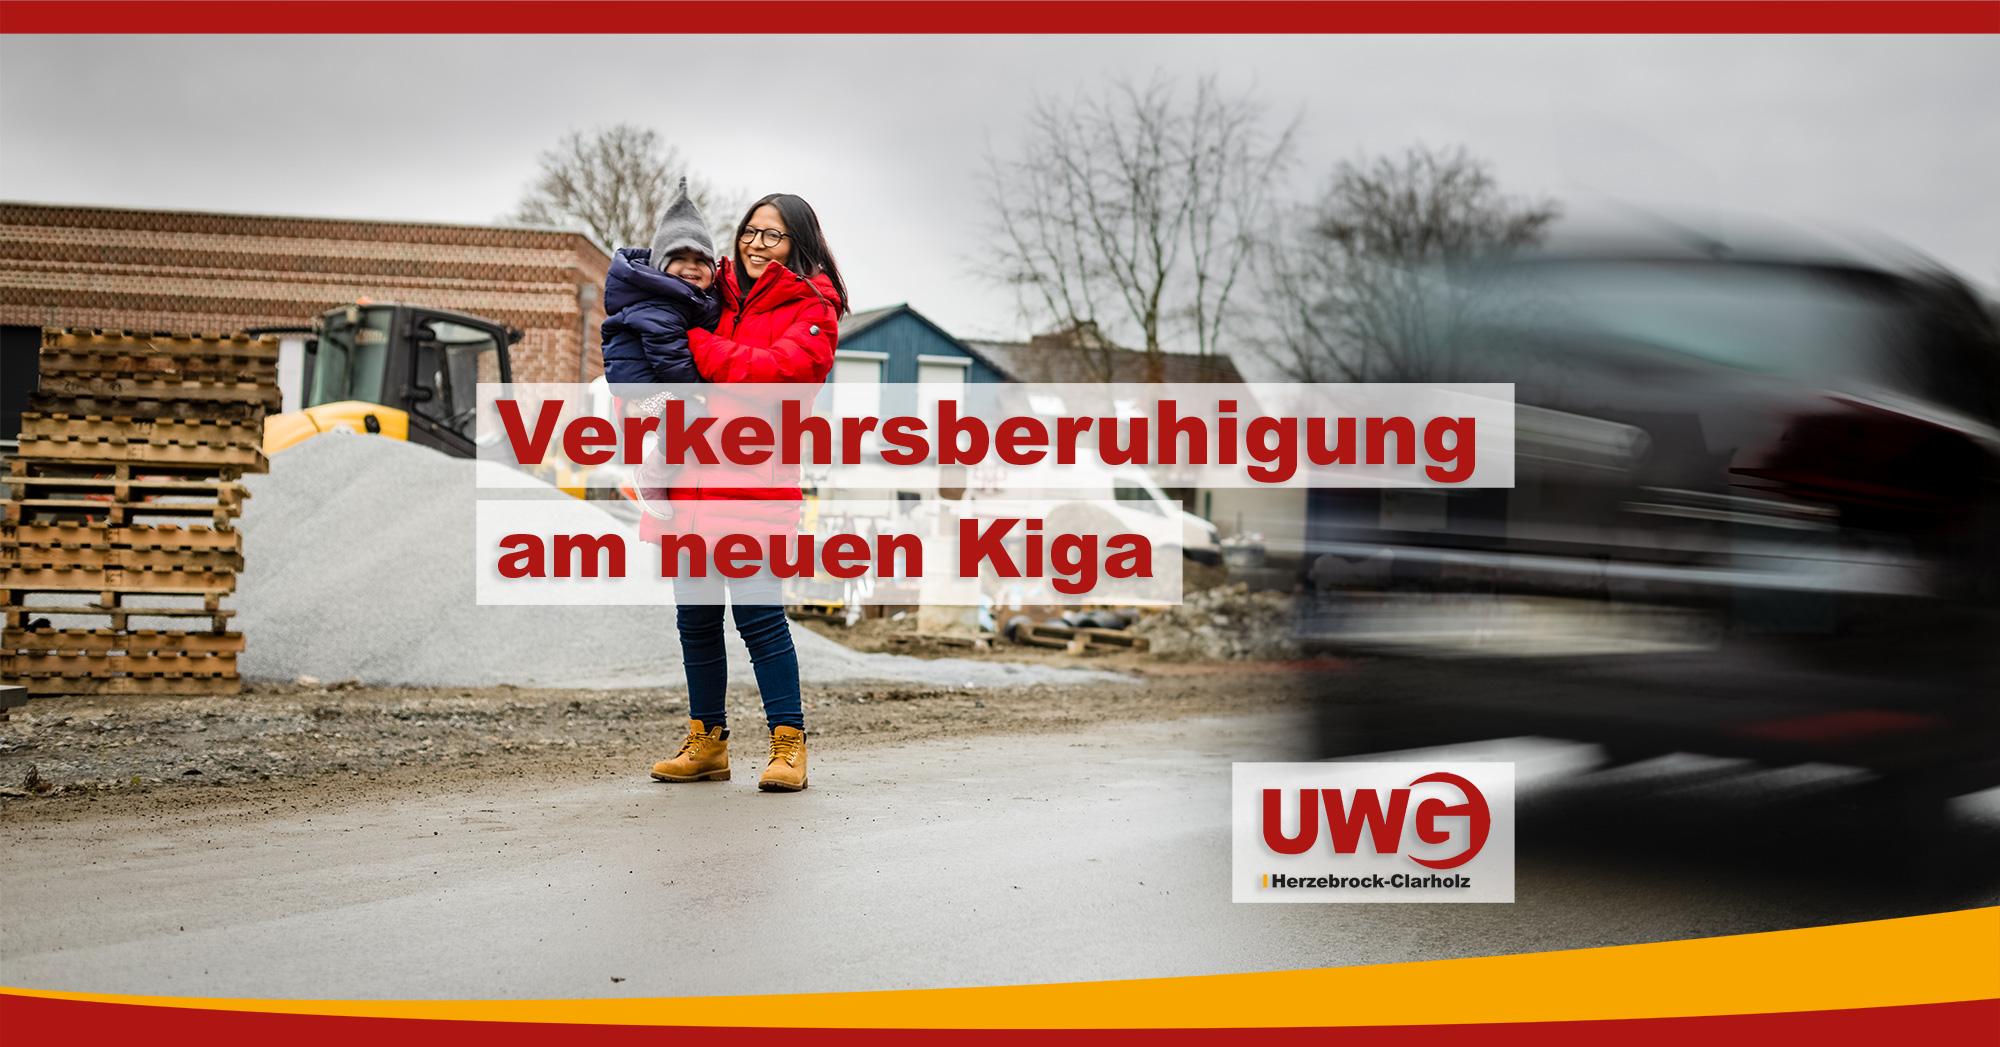 Verkehrsberuhigung Berliner Straße